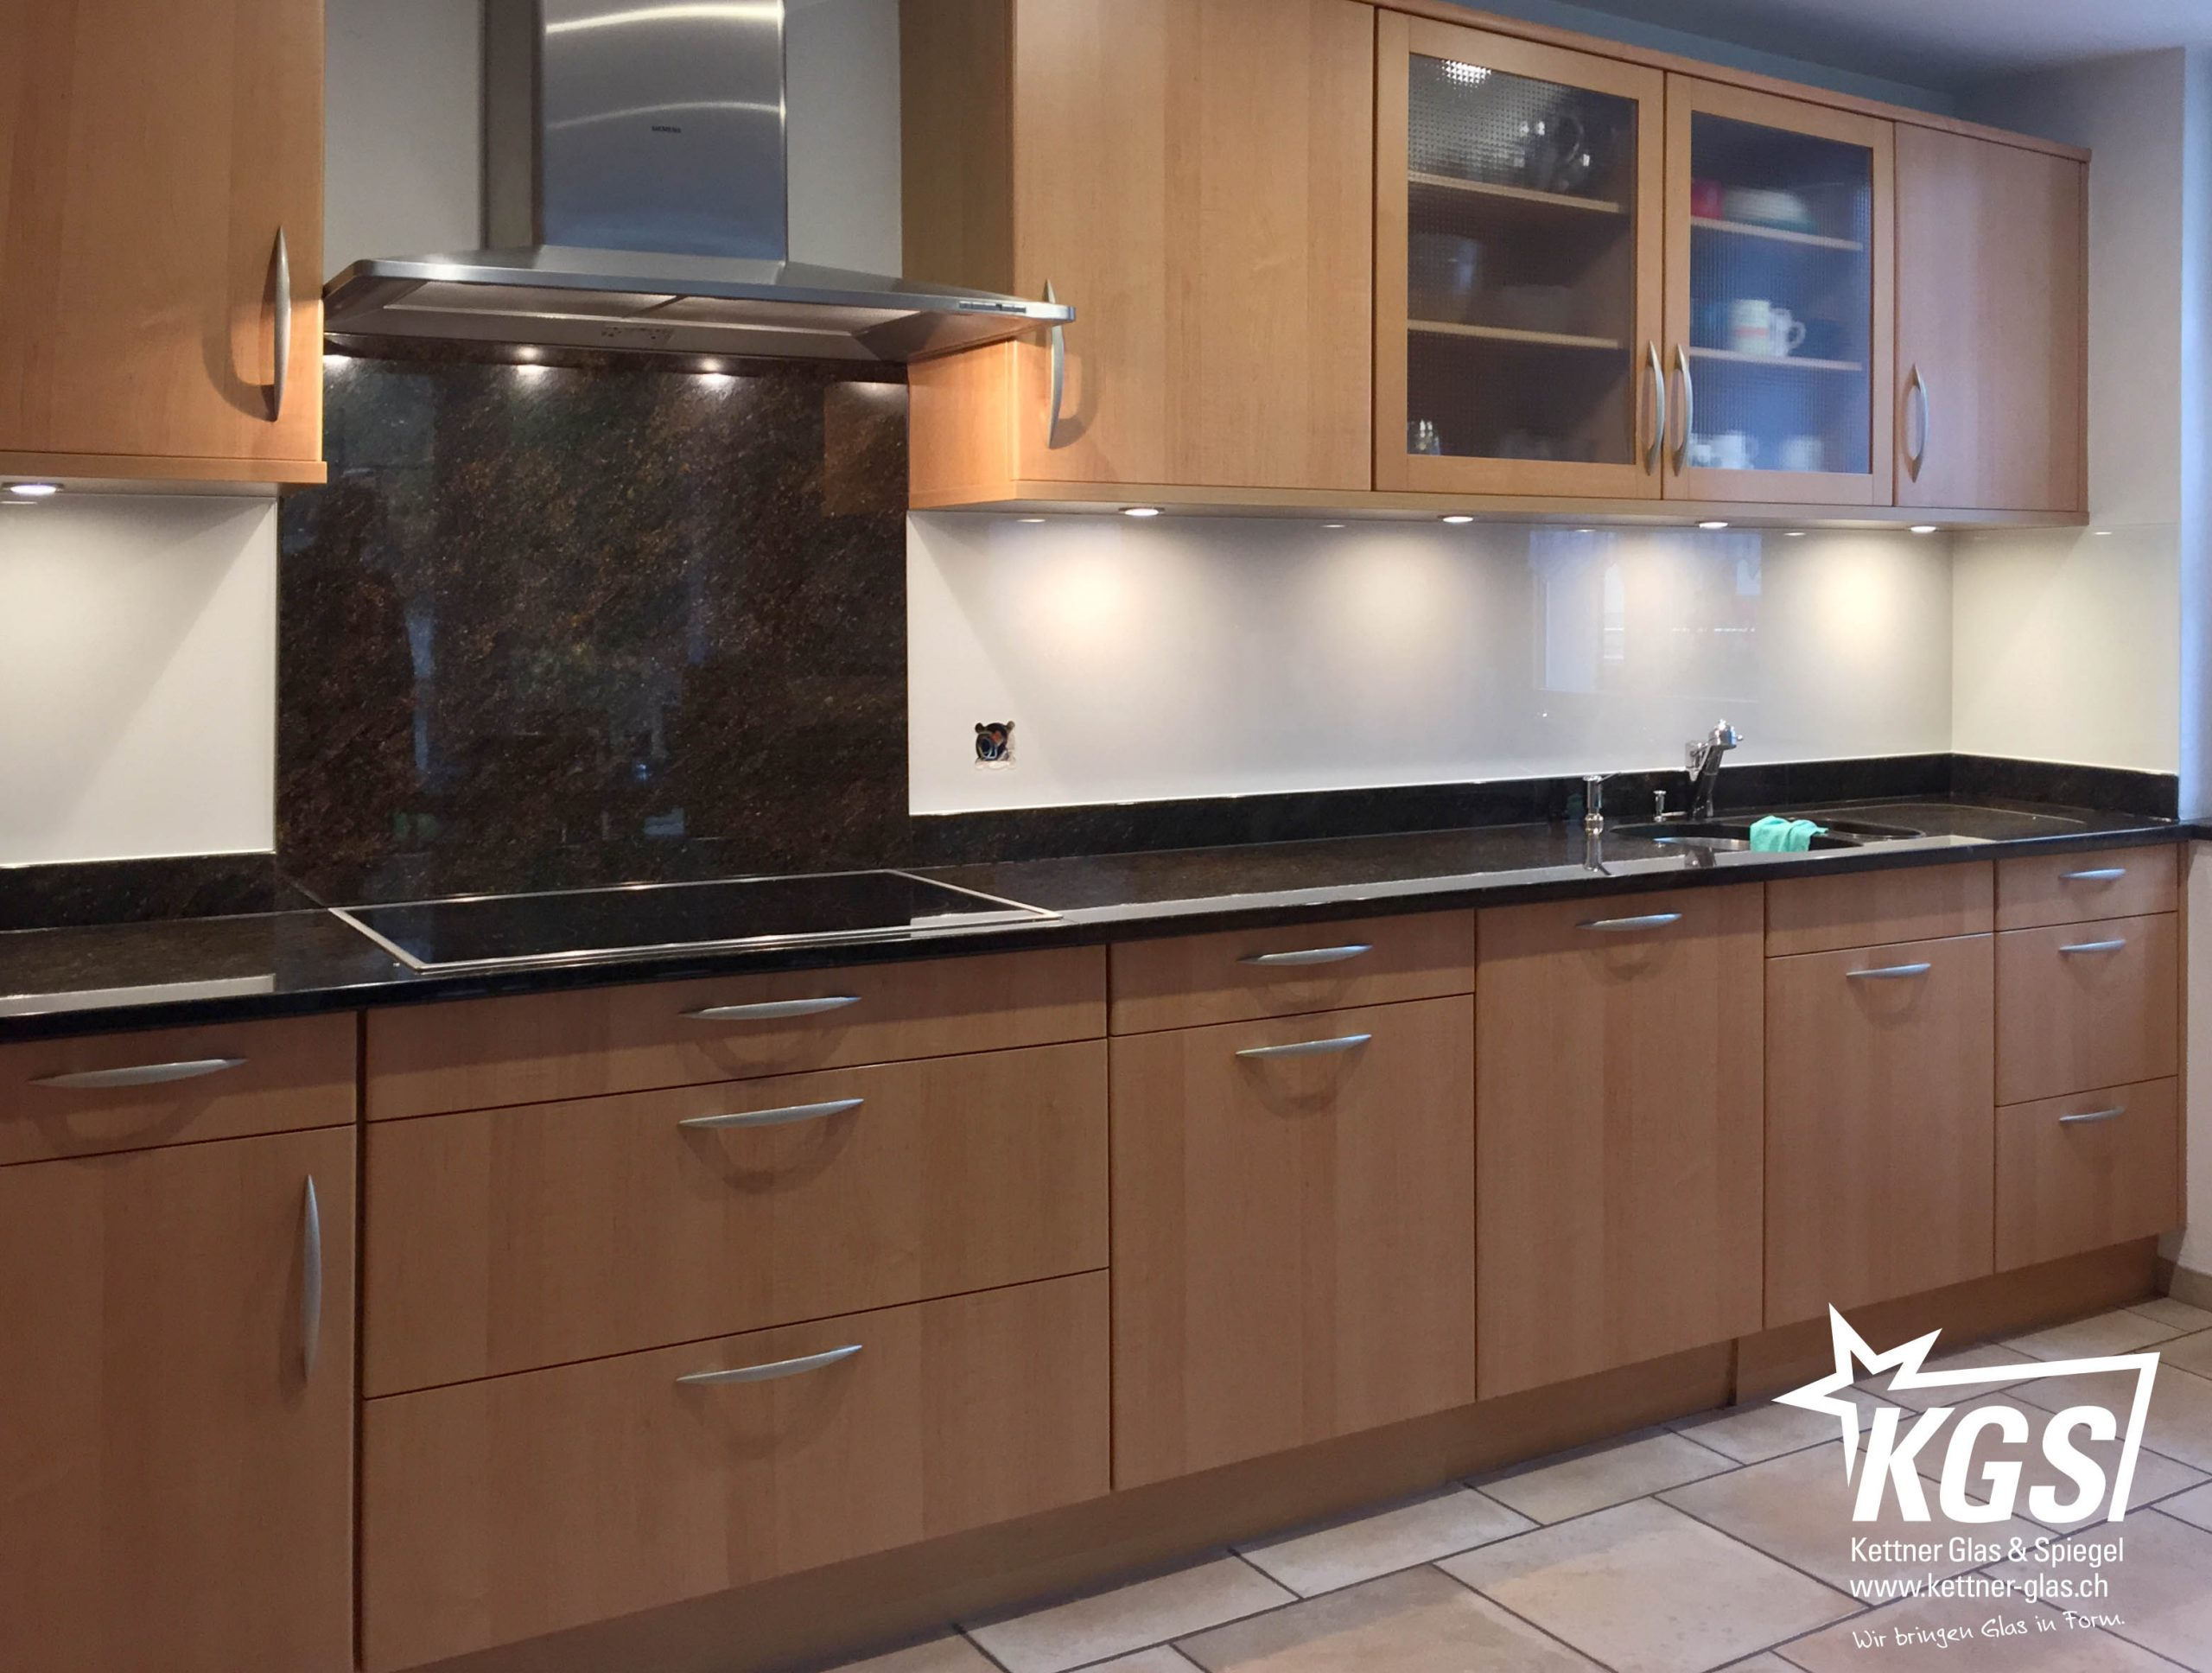 Full Size of Küchenrückwand Ideen Wohnzimmer Tapeten Bad Renovieren Wohnzimmer Küchenrückwand Ideen